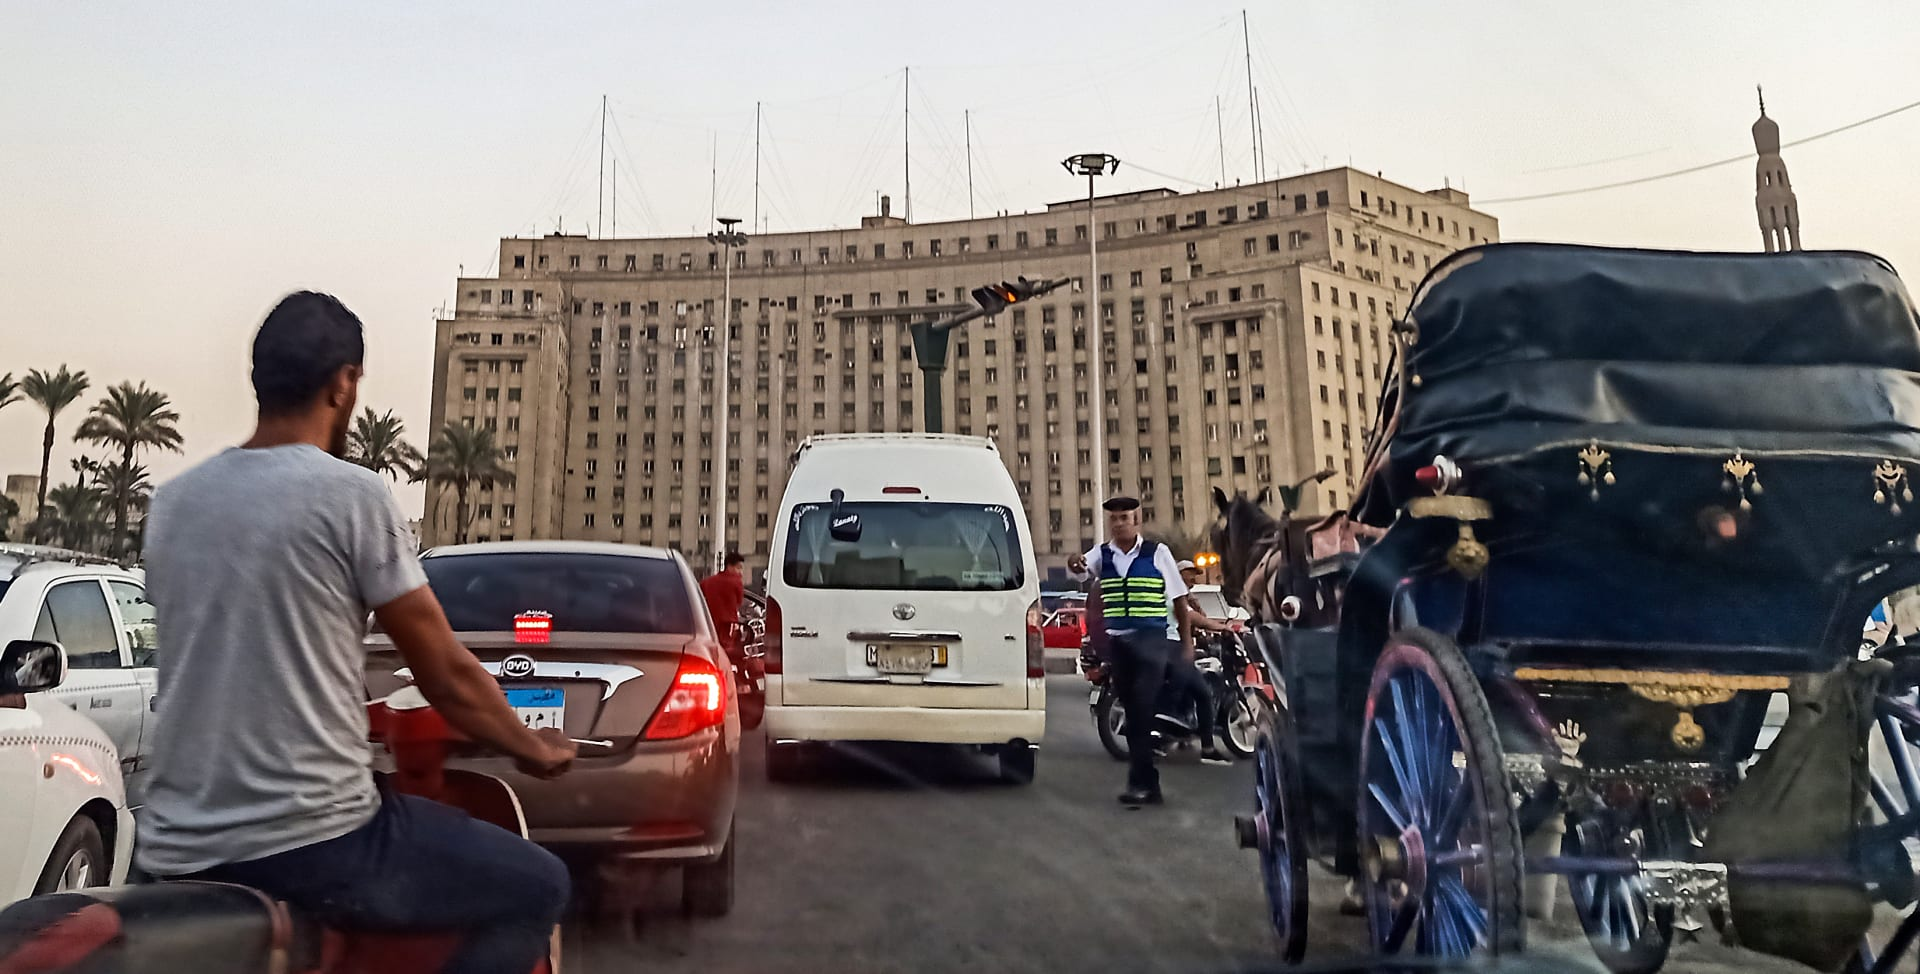 """النيابة المصرية تتخذ قرارا ضد """"ابن القاضي"""" بعد وقائع جديدة.. ووالده يعتذر للشعب والشرطة"""